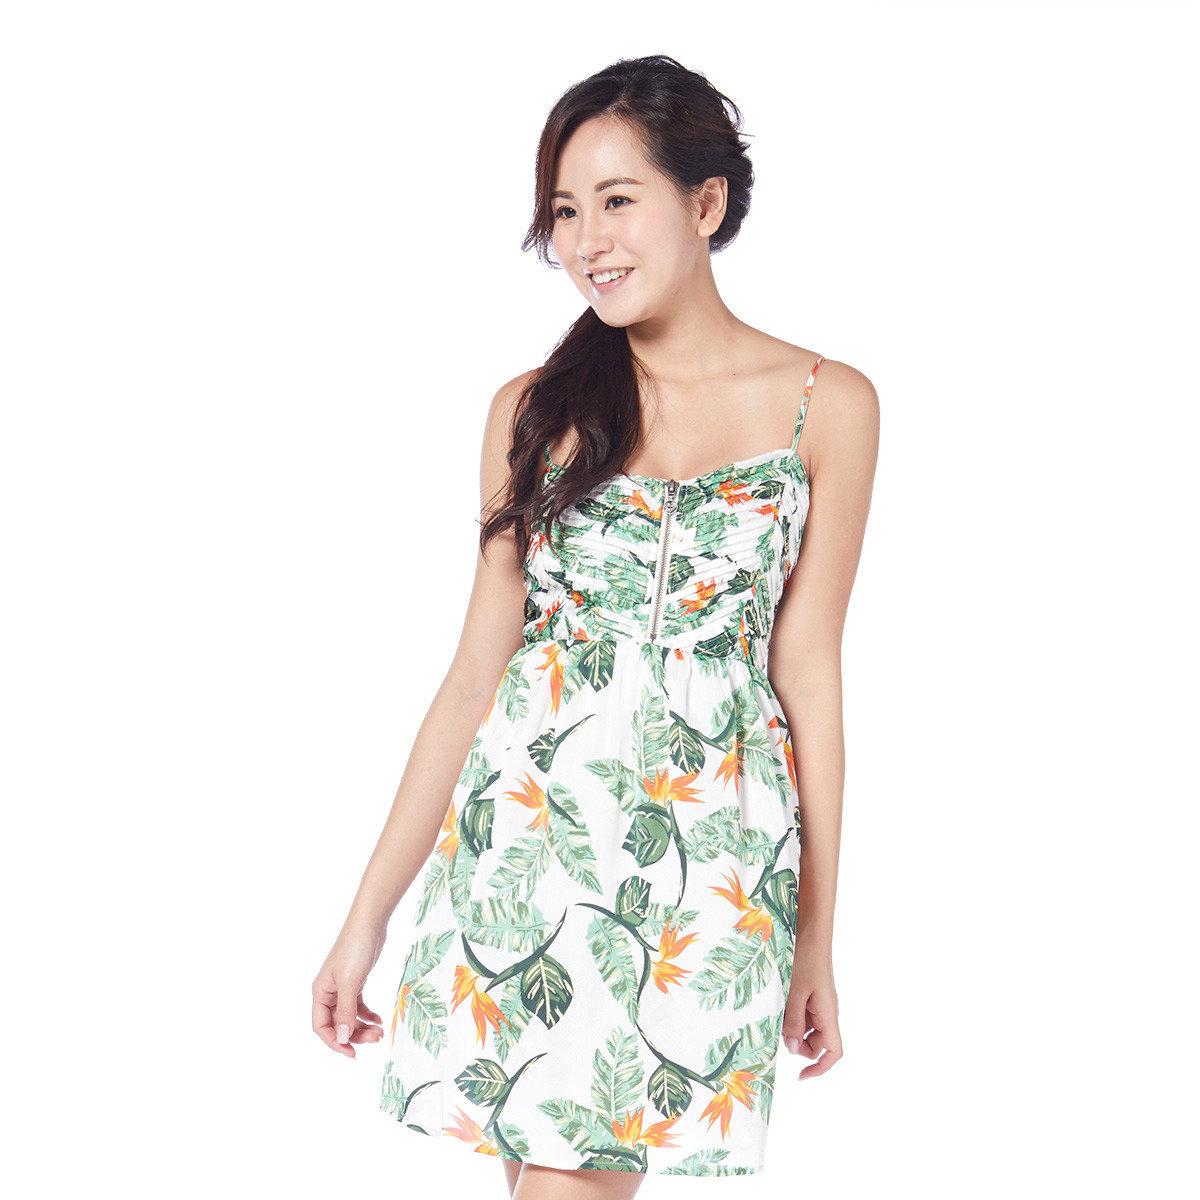 熱帶花卉圖案連身裙